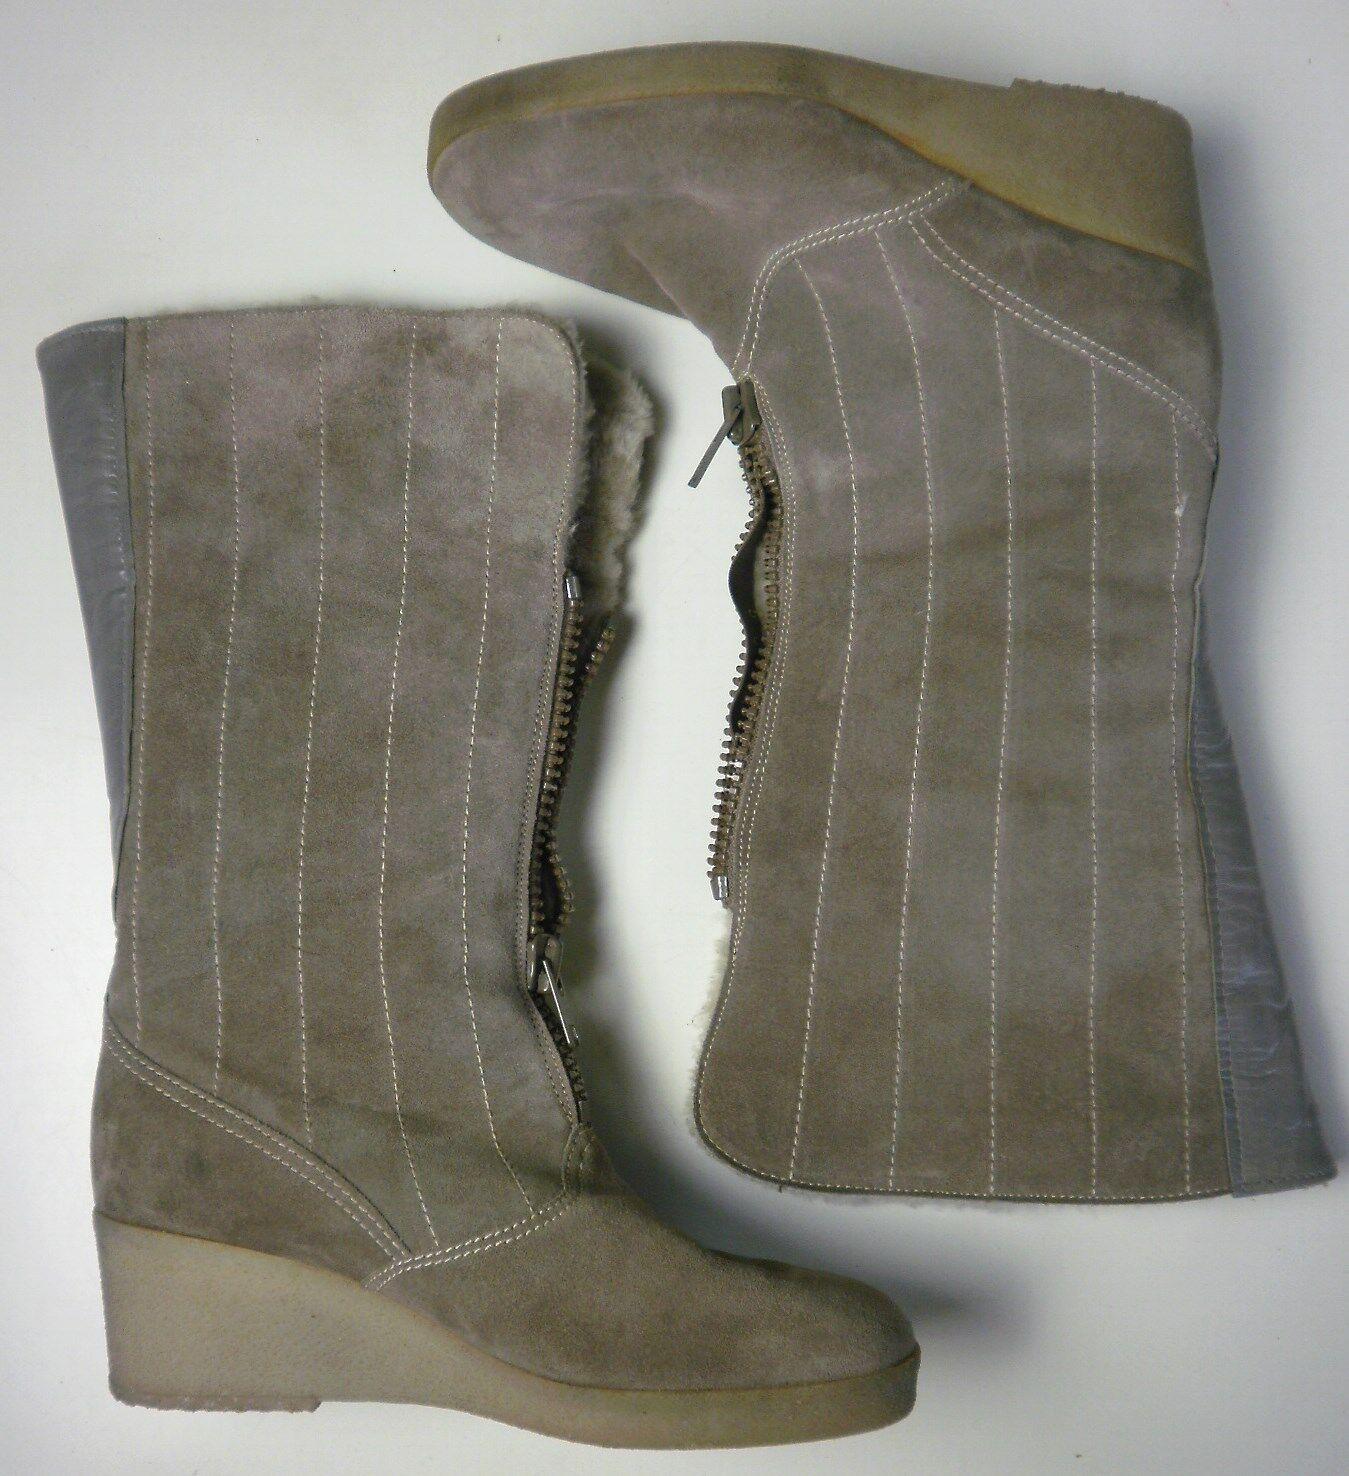 ARA Wildleder Damen Stiefel Boots Grau Wildleder ARA Futter Biberlamm True Vintage Winterboots a5128b